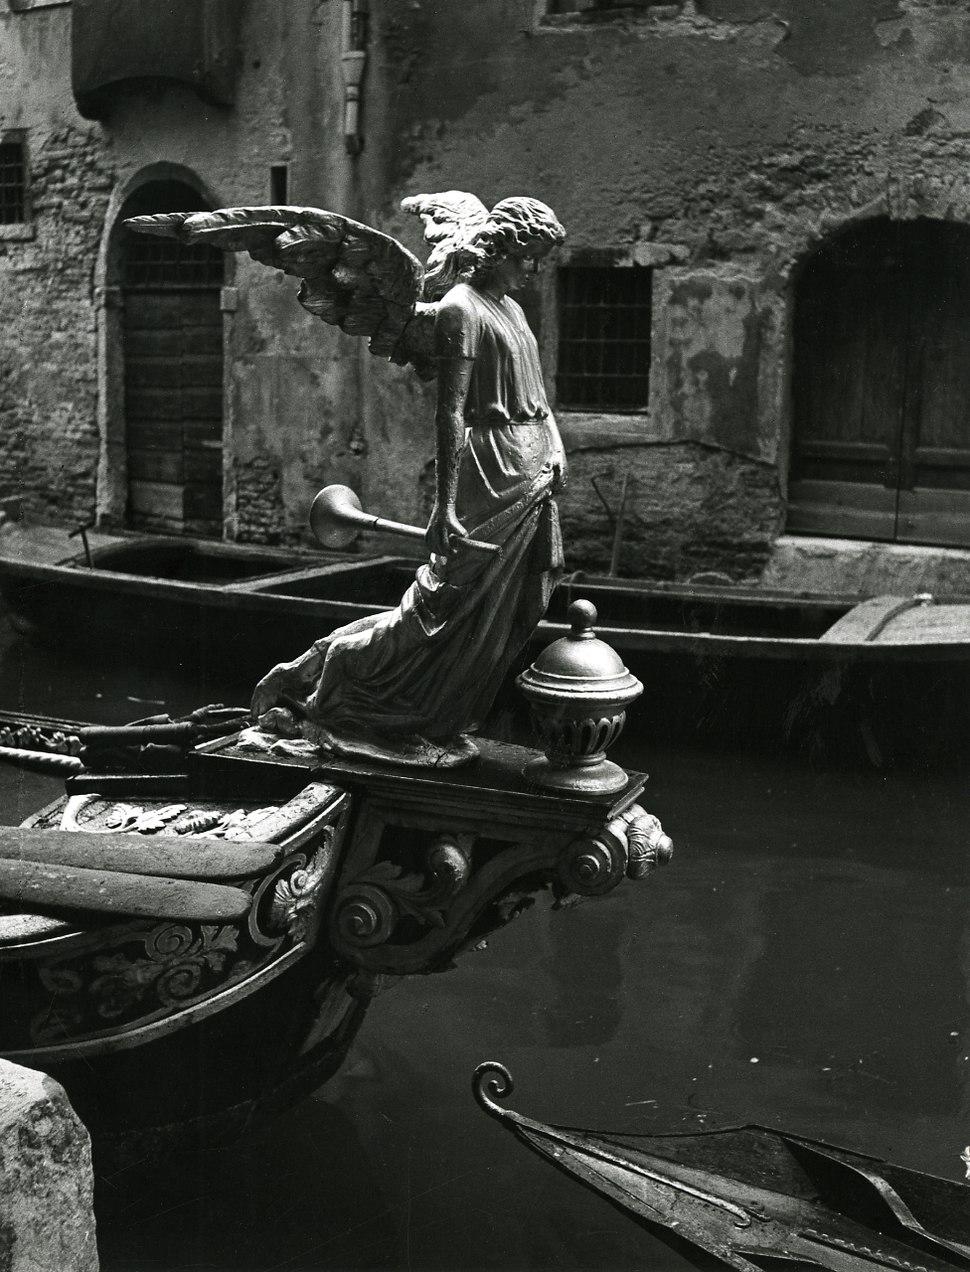 Paolo Monti - Serie fotografica (Venezia, 1951) - BEIC 6342929